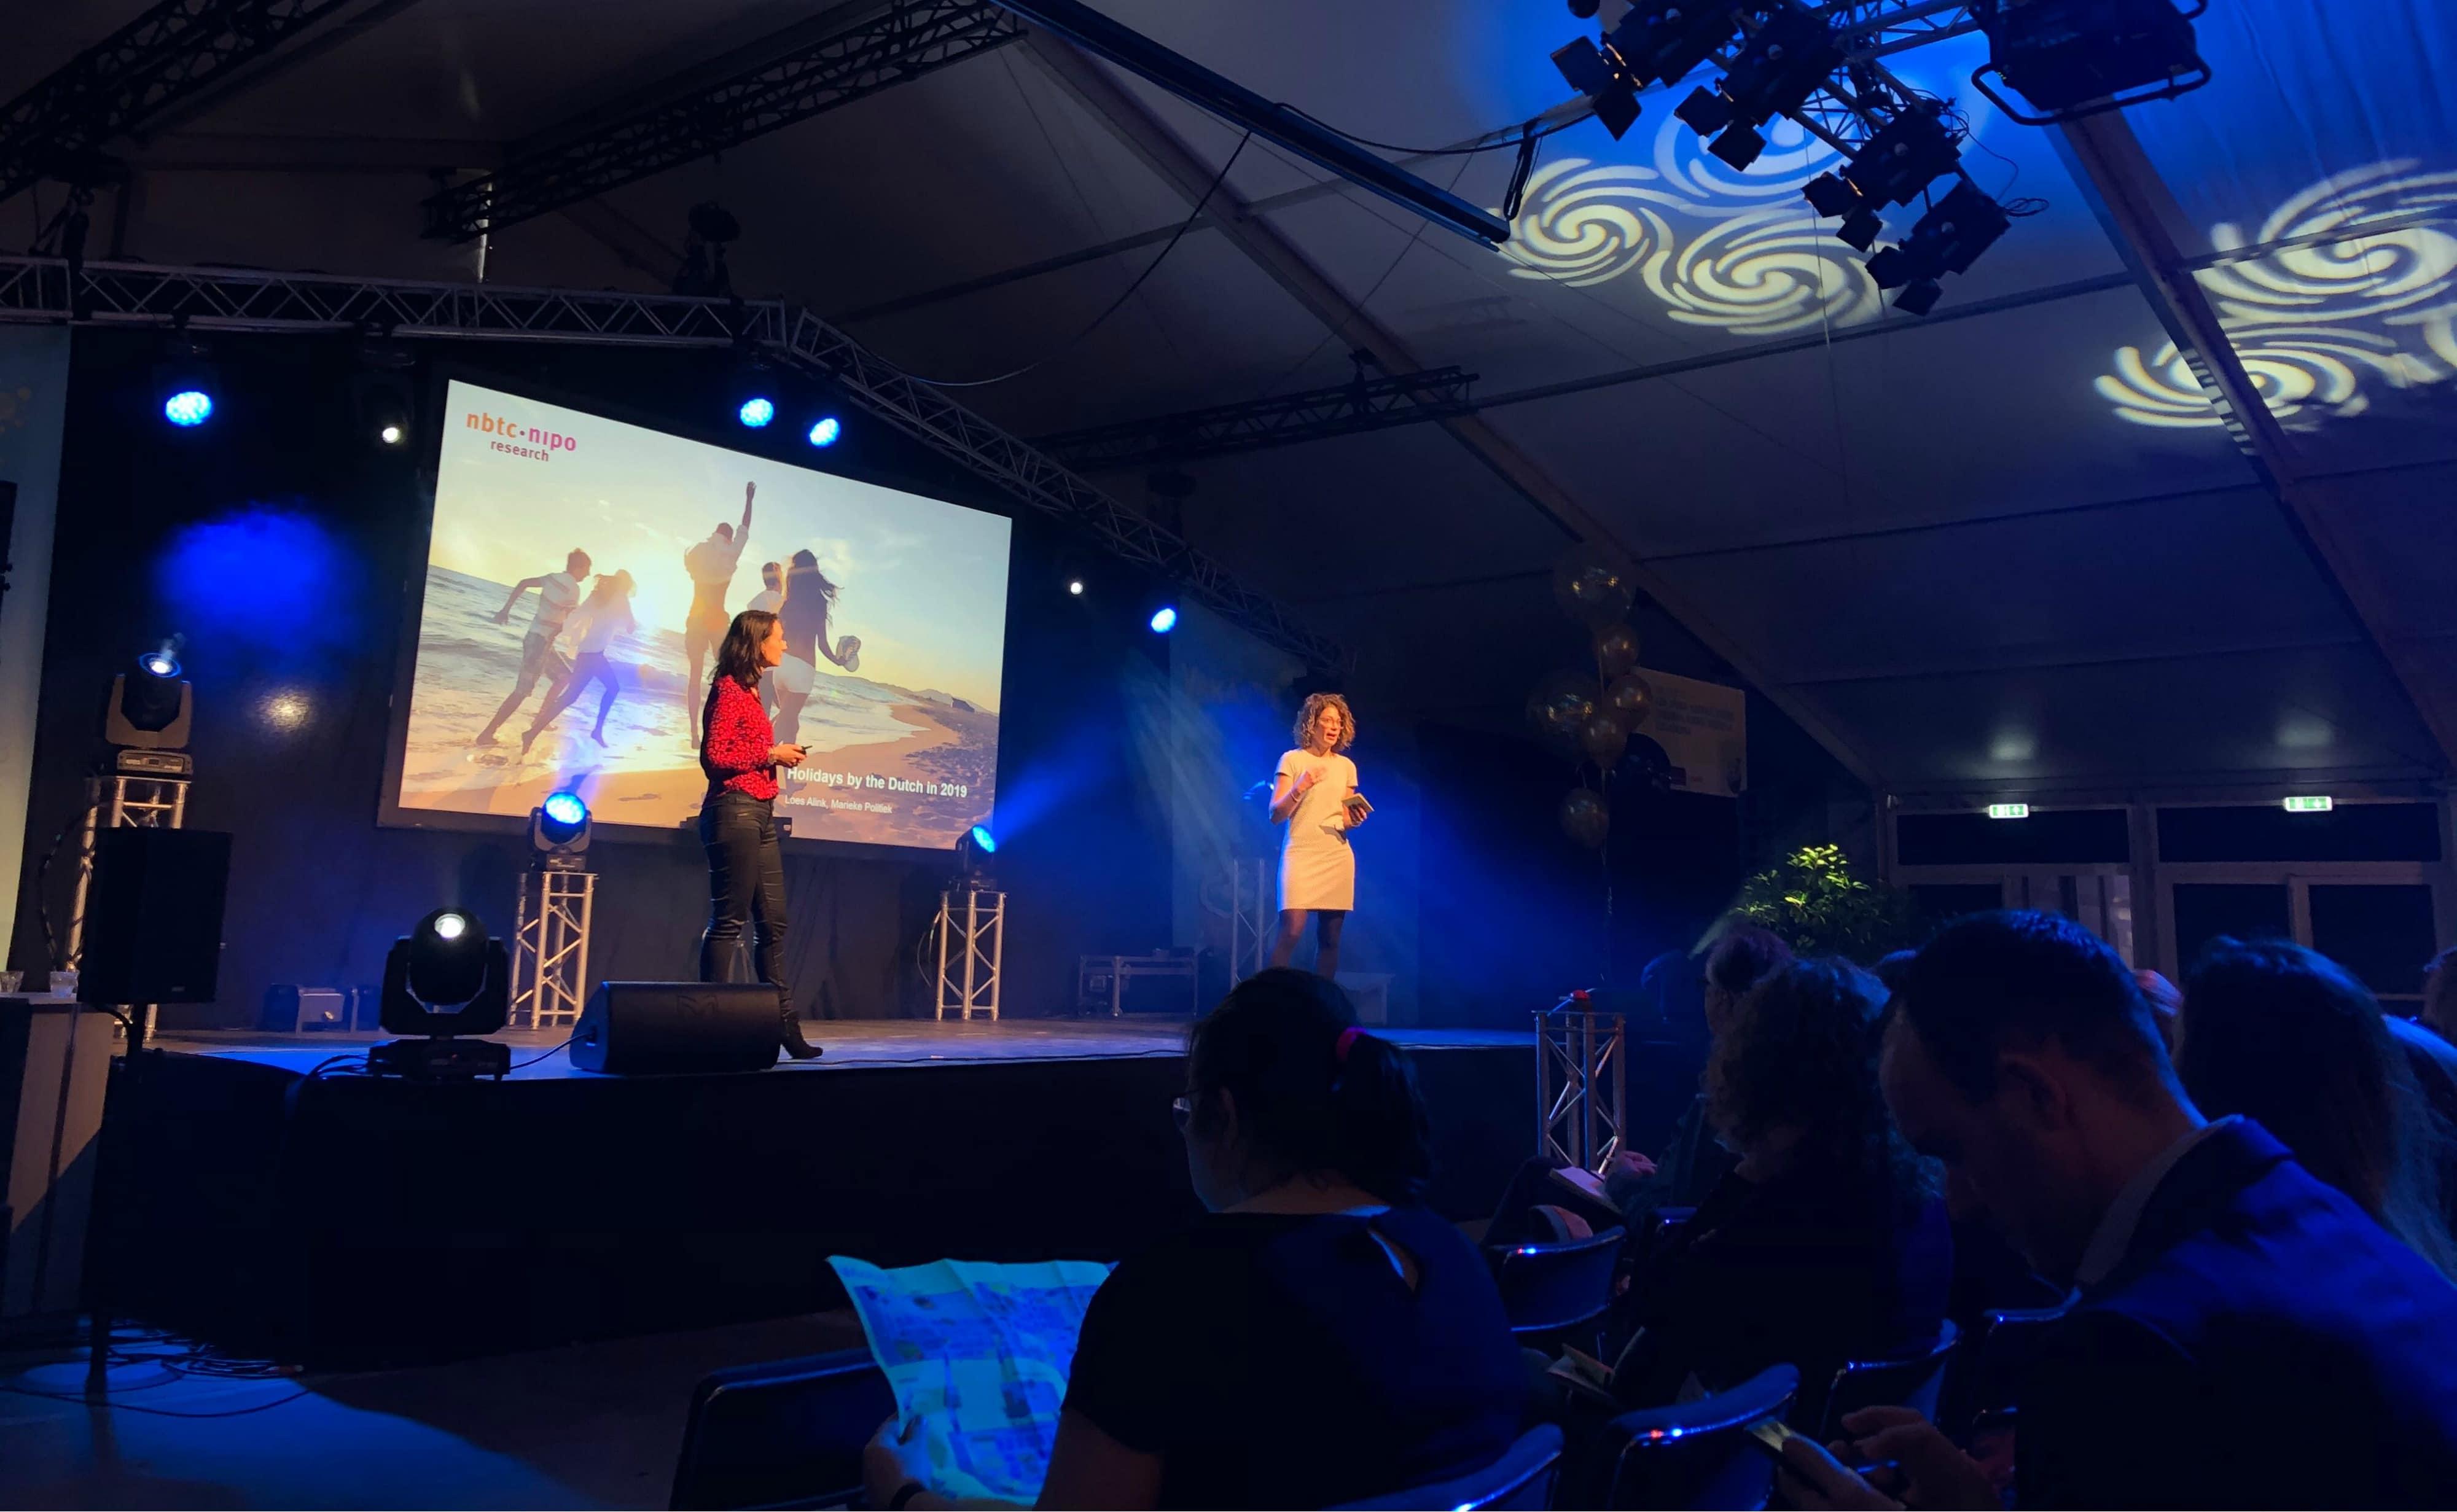 NBTC-NIPO: Nederlanders vaker op korte vakantie in 2019